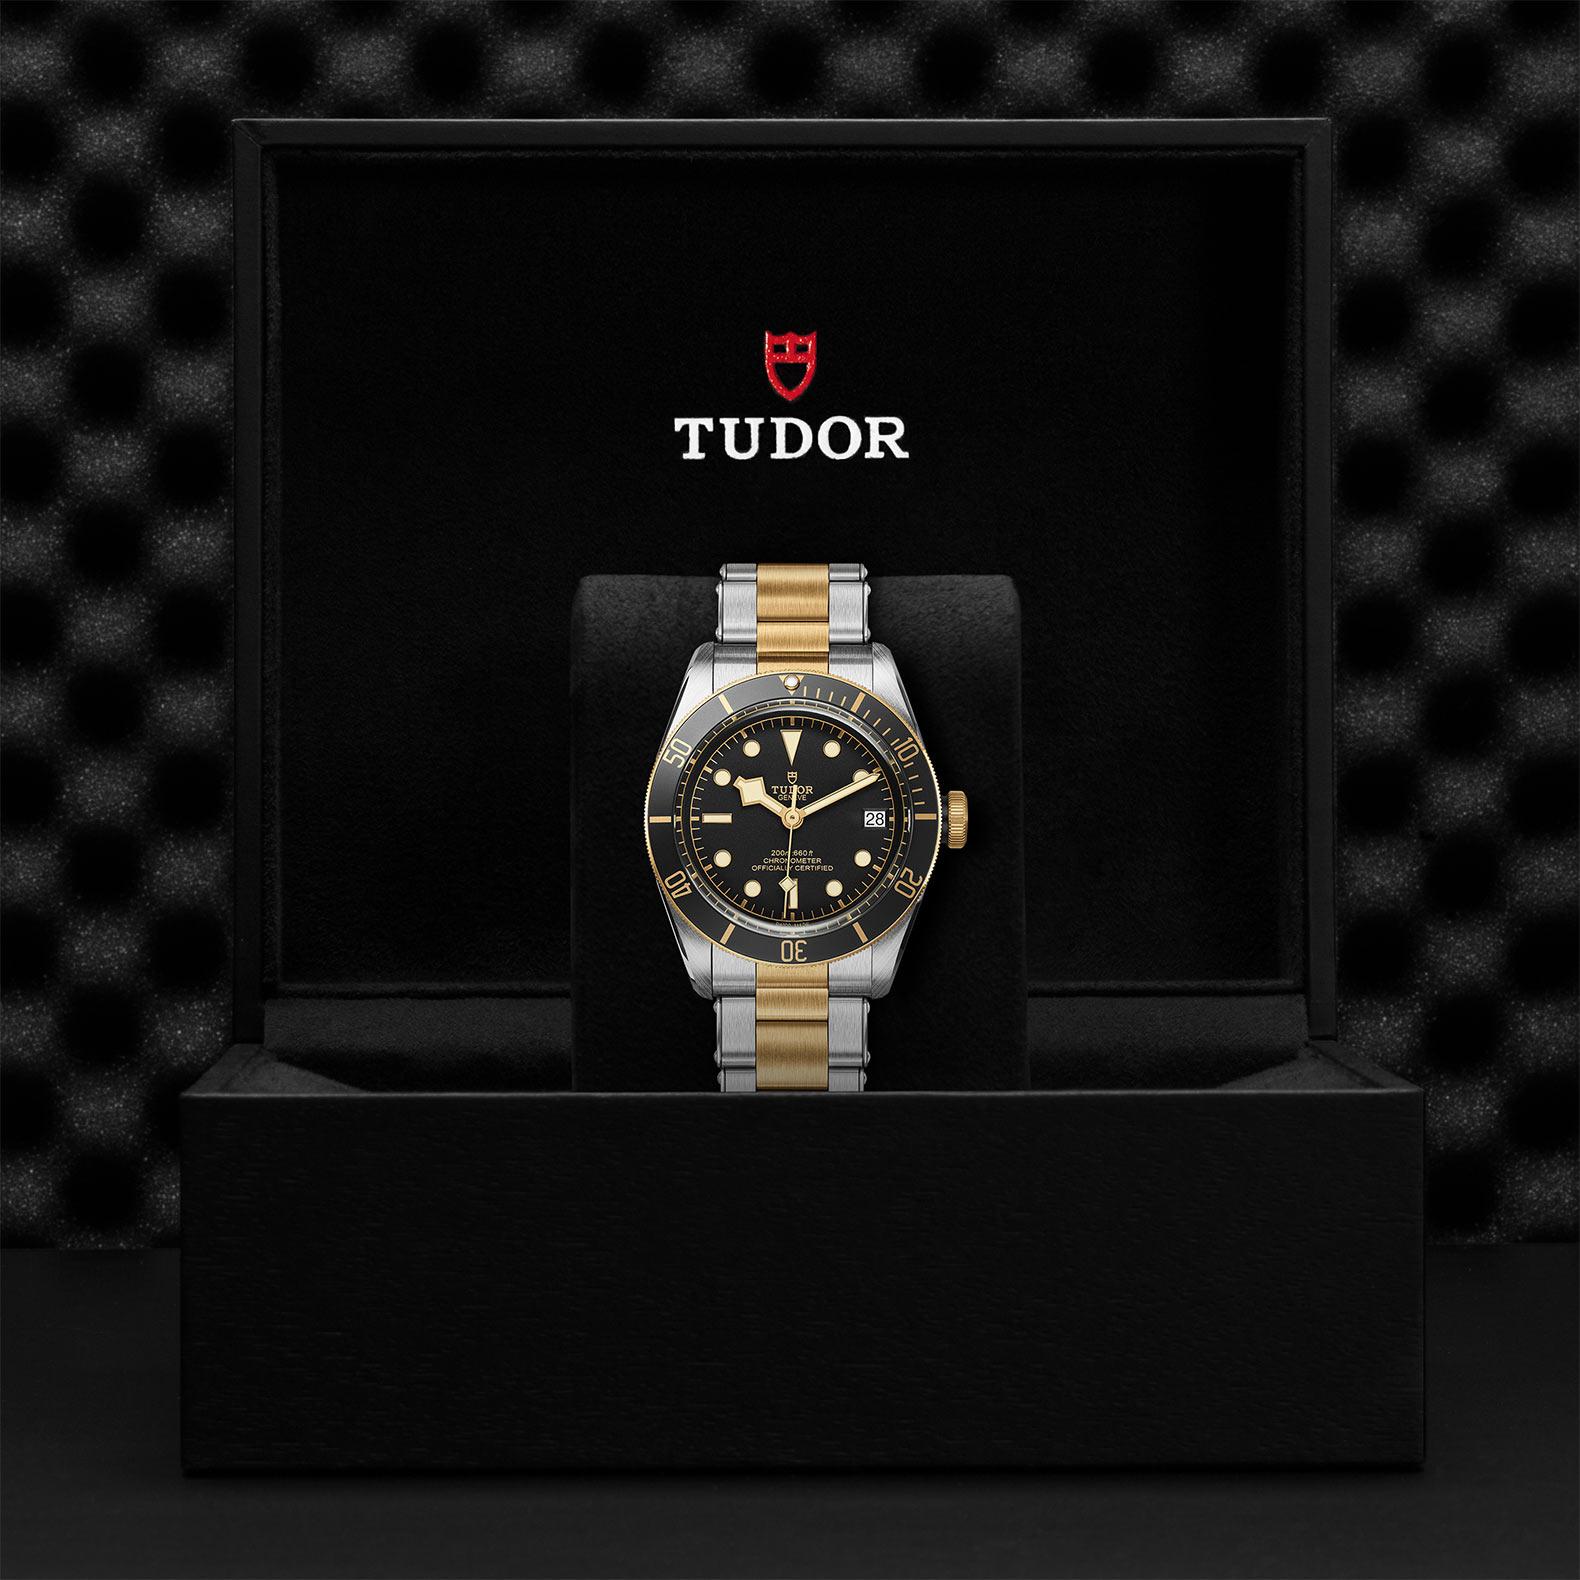 TUDOR Black Bay S&G - M79733N-0008